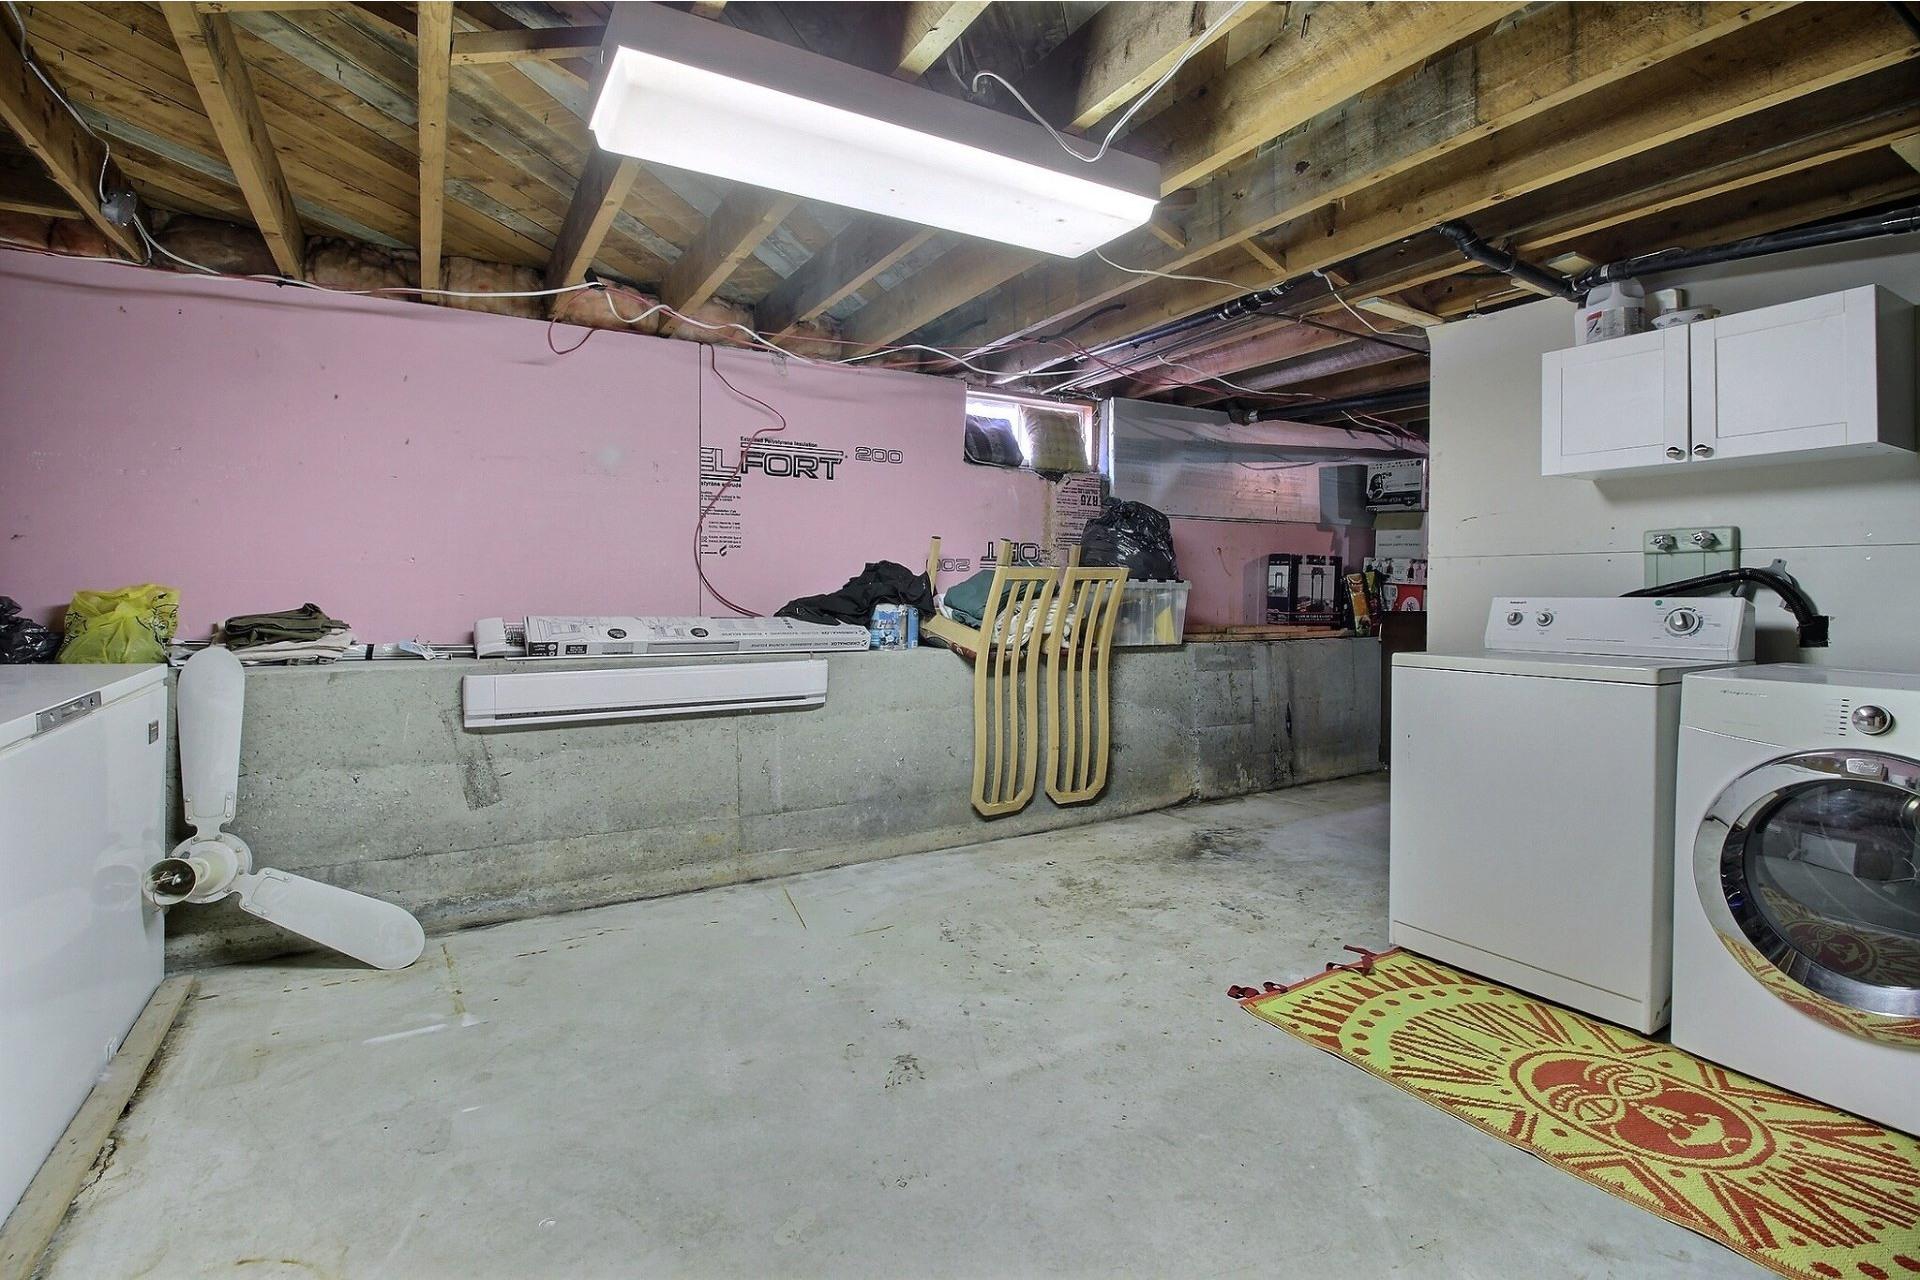 image 30 - Duplex For sale Joliette - 5 rooms